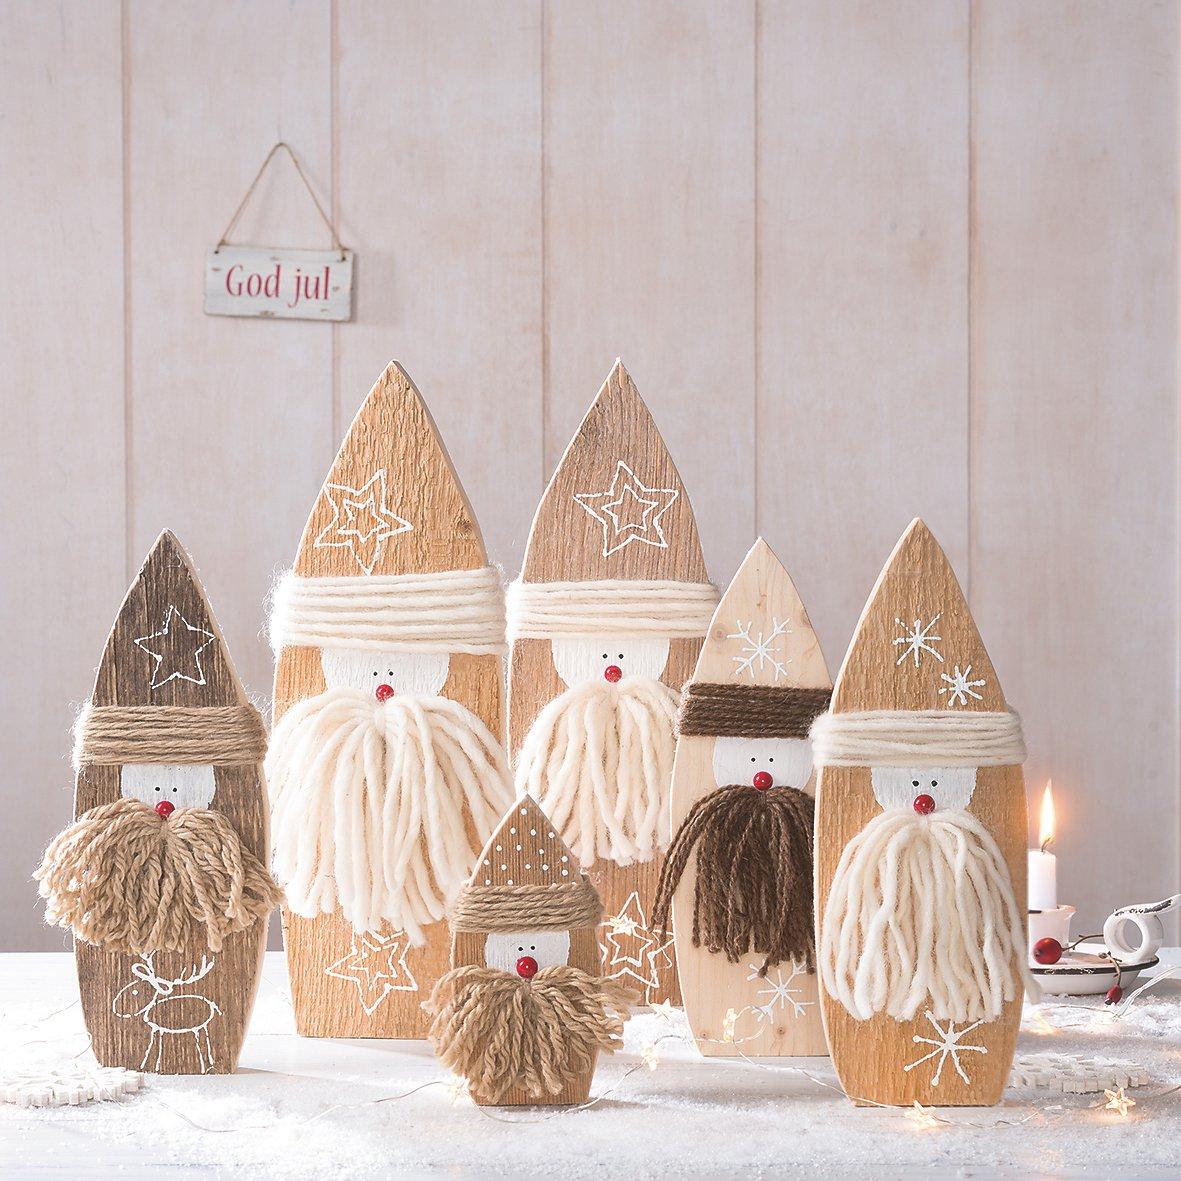 Holz Deko Weihnachten.Holzdeko Für Winter Weihnachten Buch Versandkostenfrei Bei